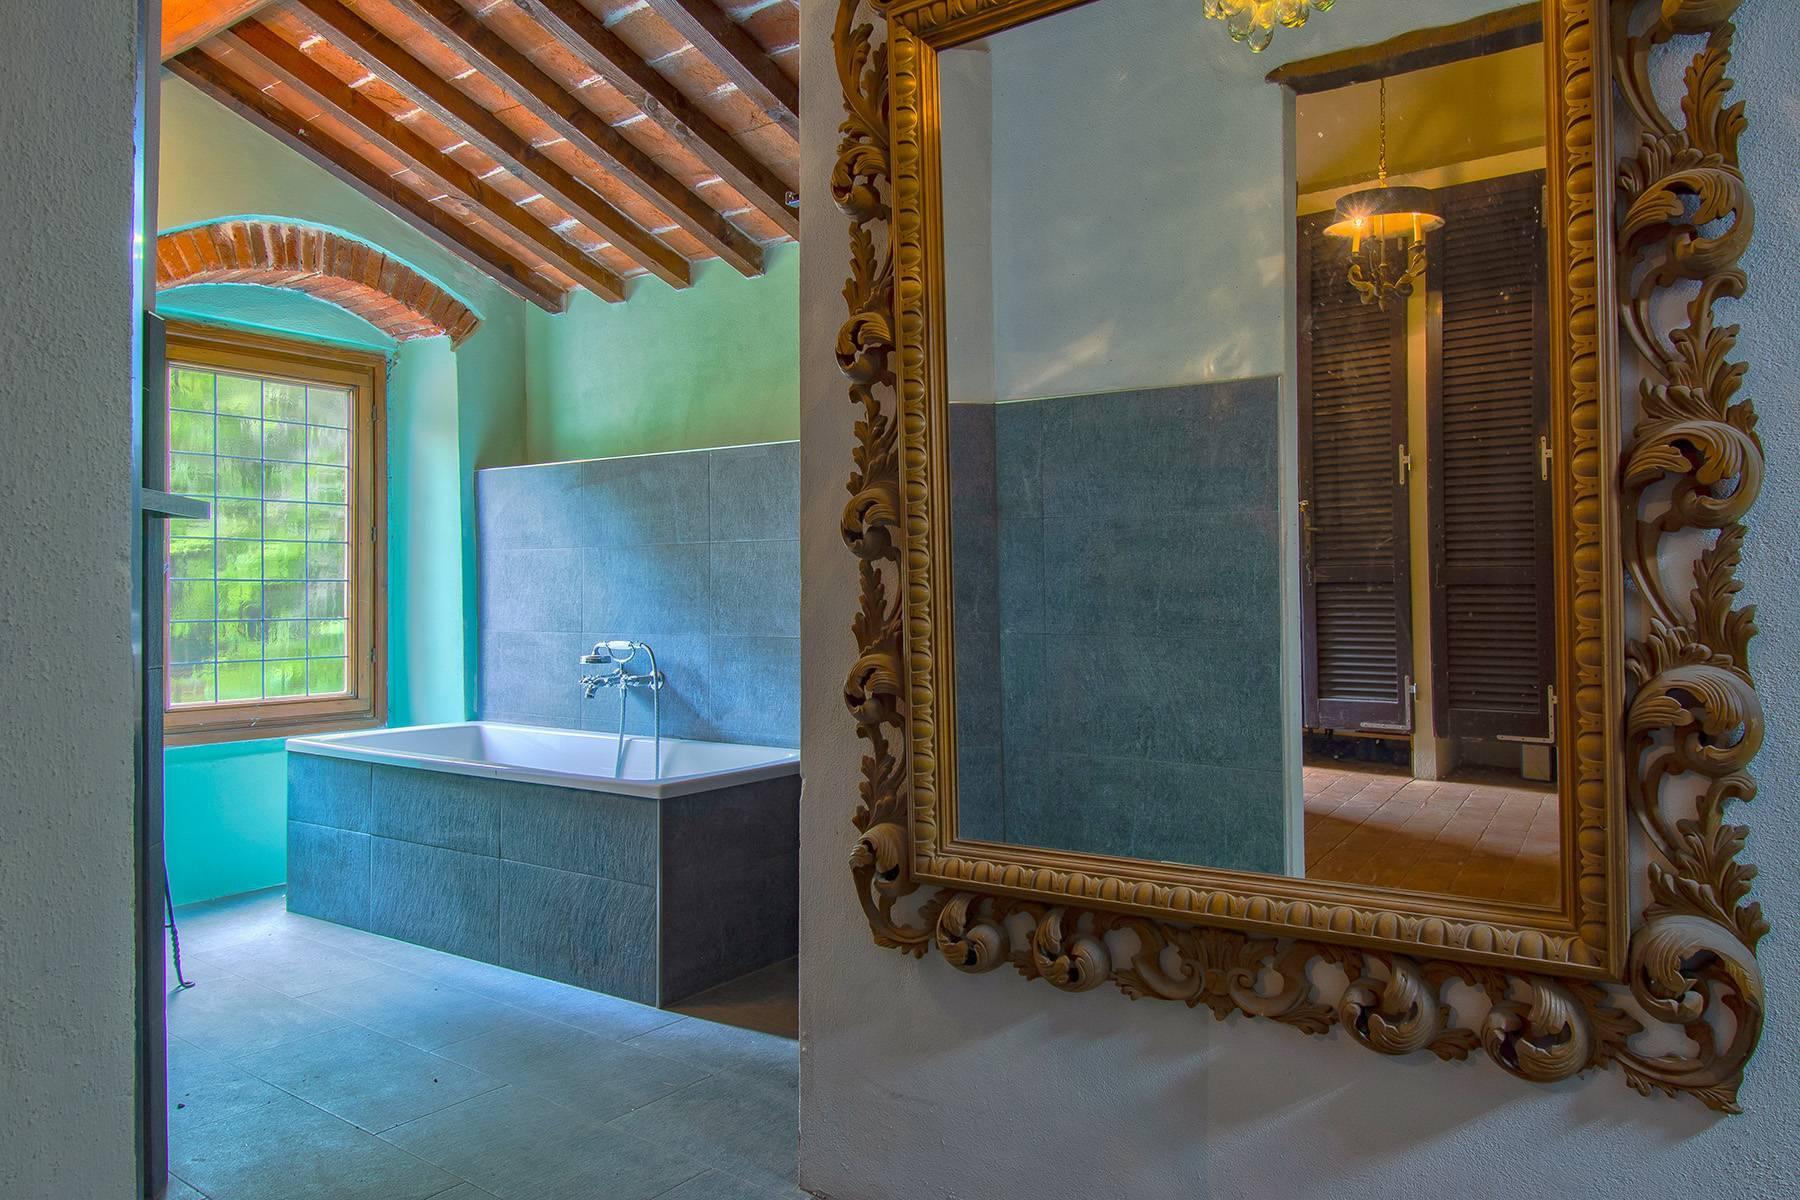 Panorama-Renaissance-Villa mit Garten im italienischen Stil - 21